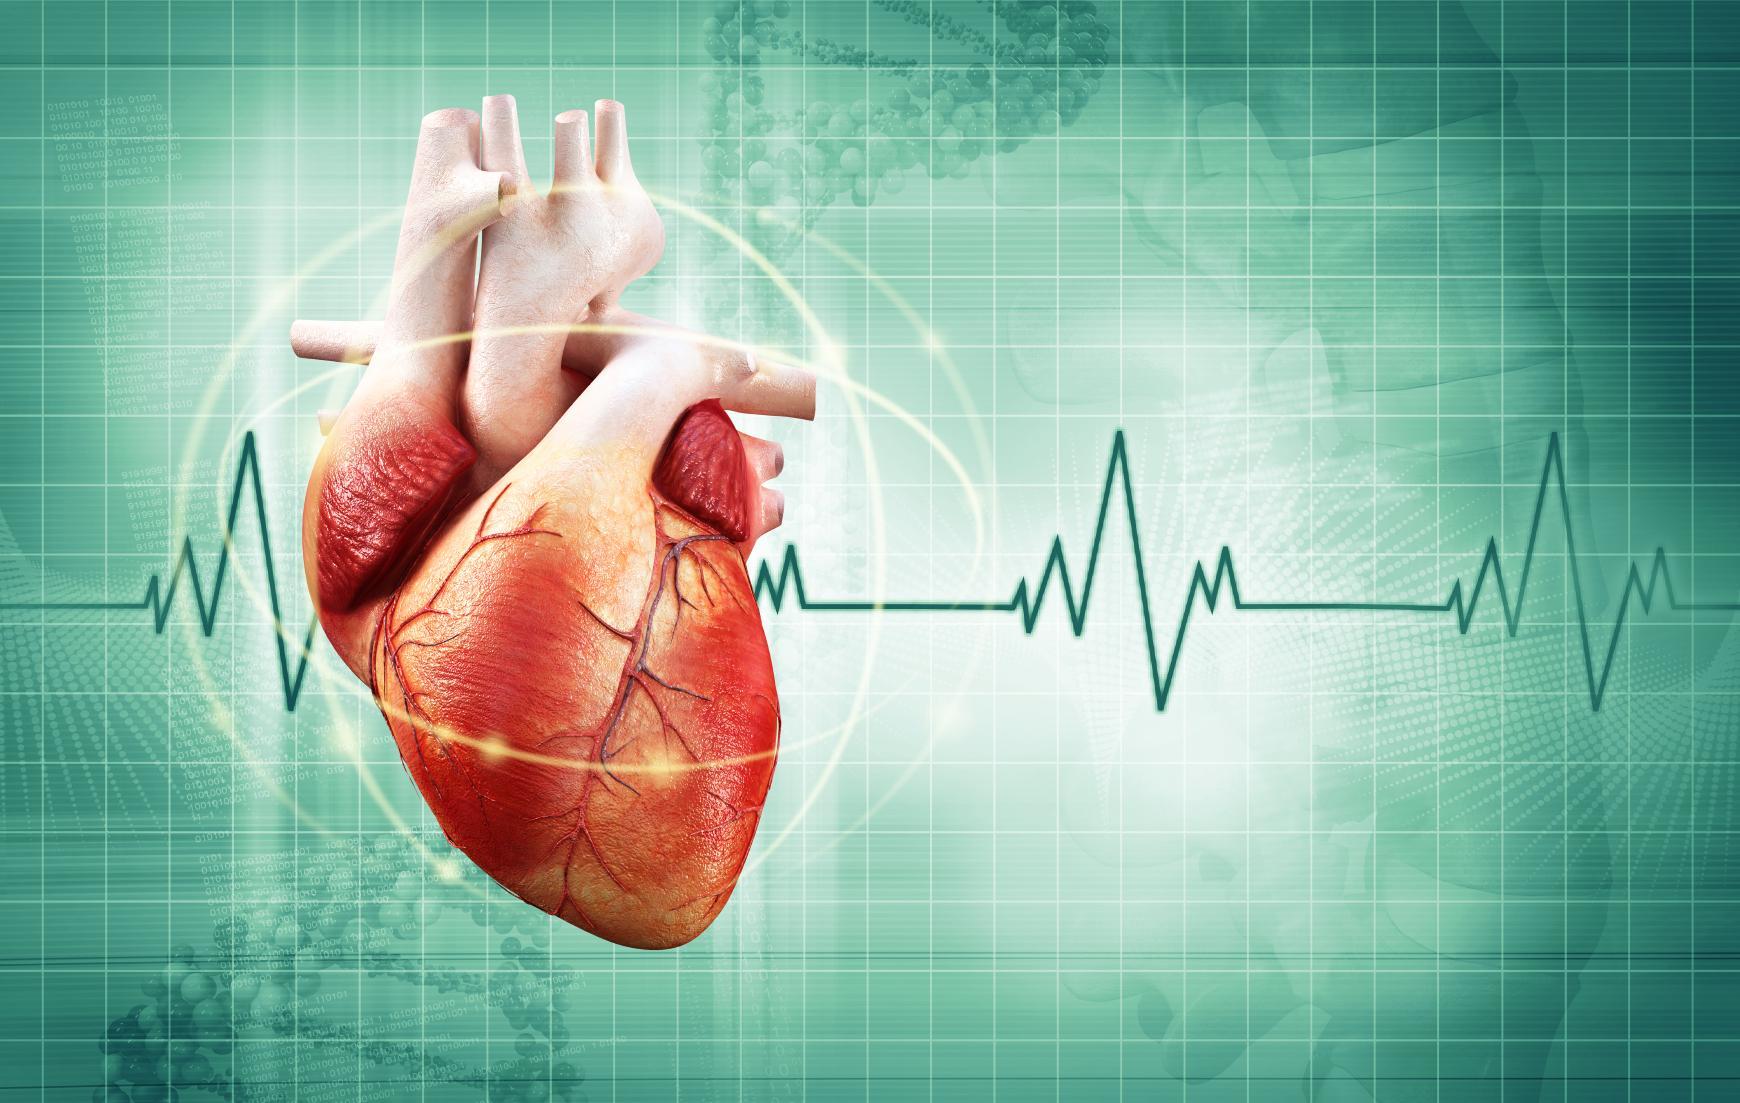 Уменьшение частоты сердечных сокращений называется